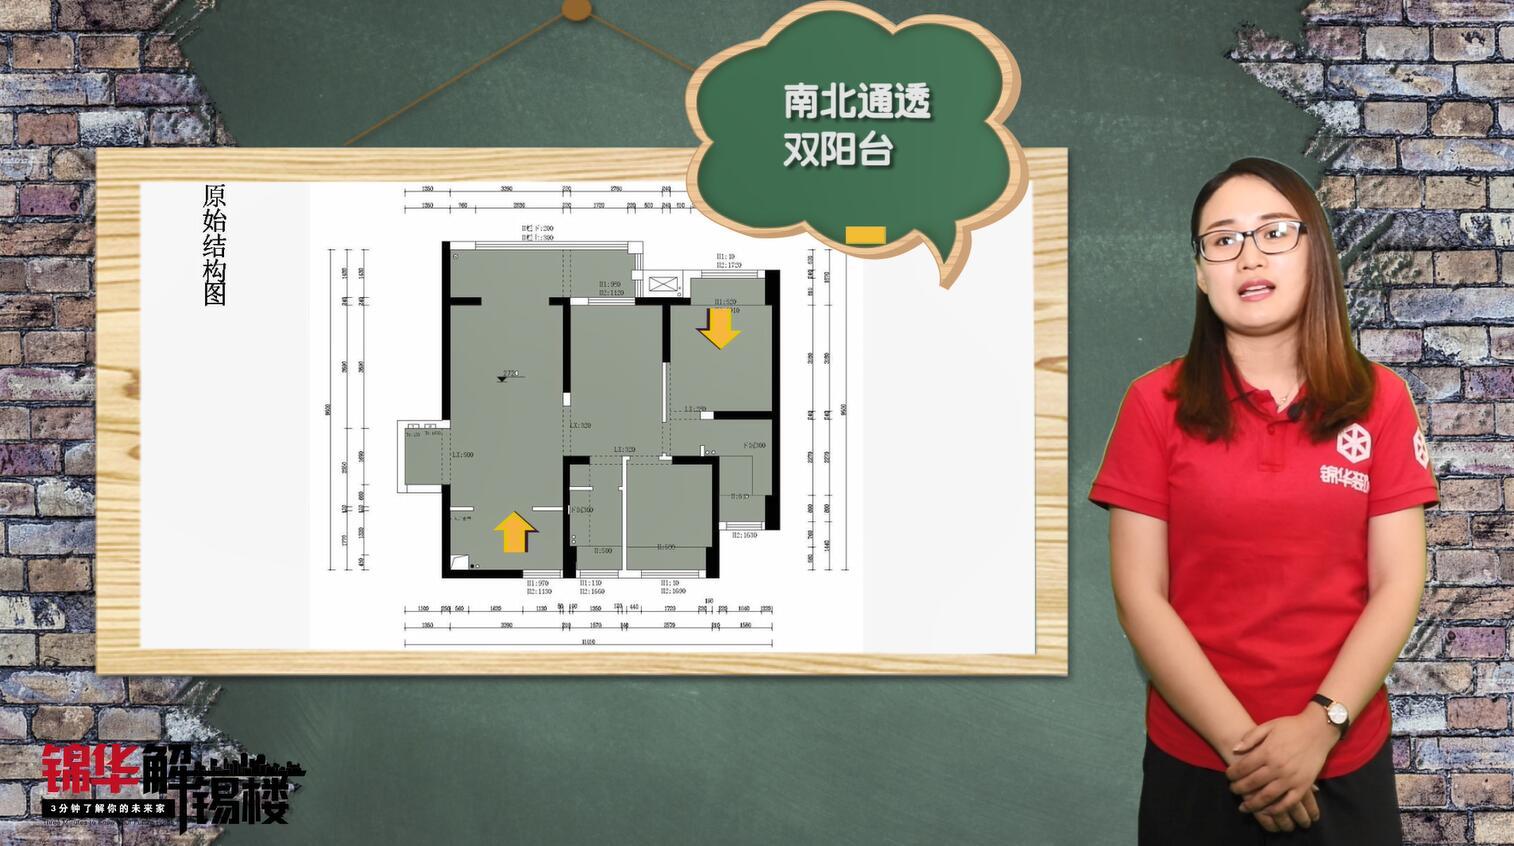 【lols10外围平台解析楼】无锡华润江南府107平户型解析